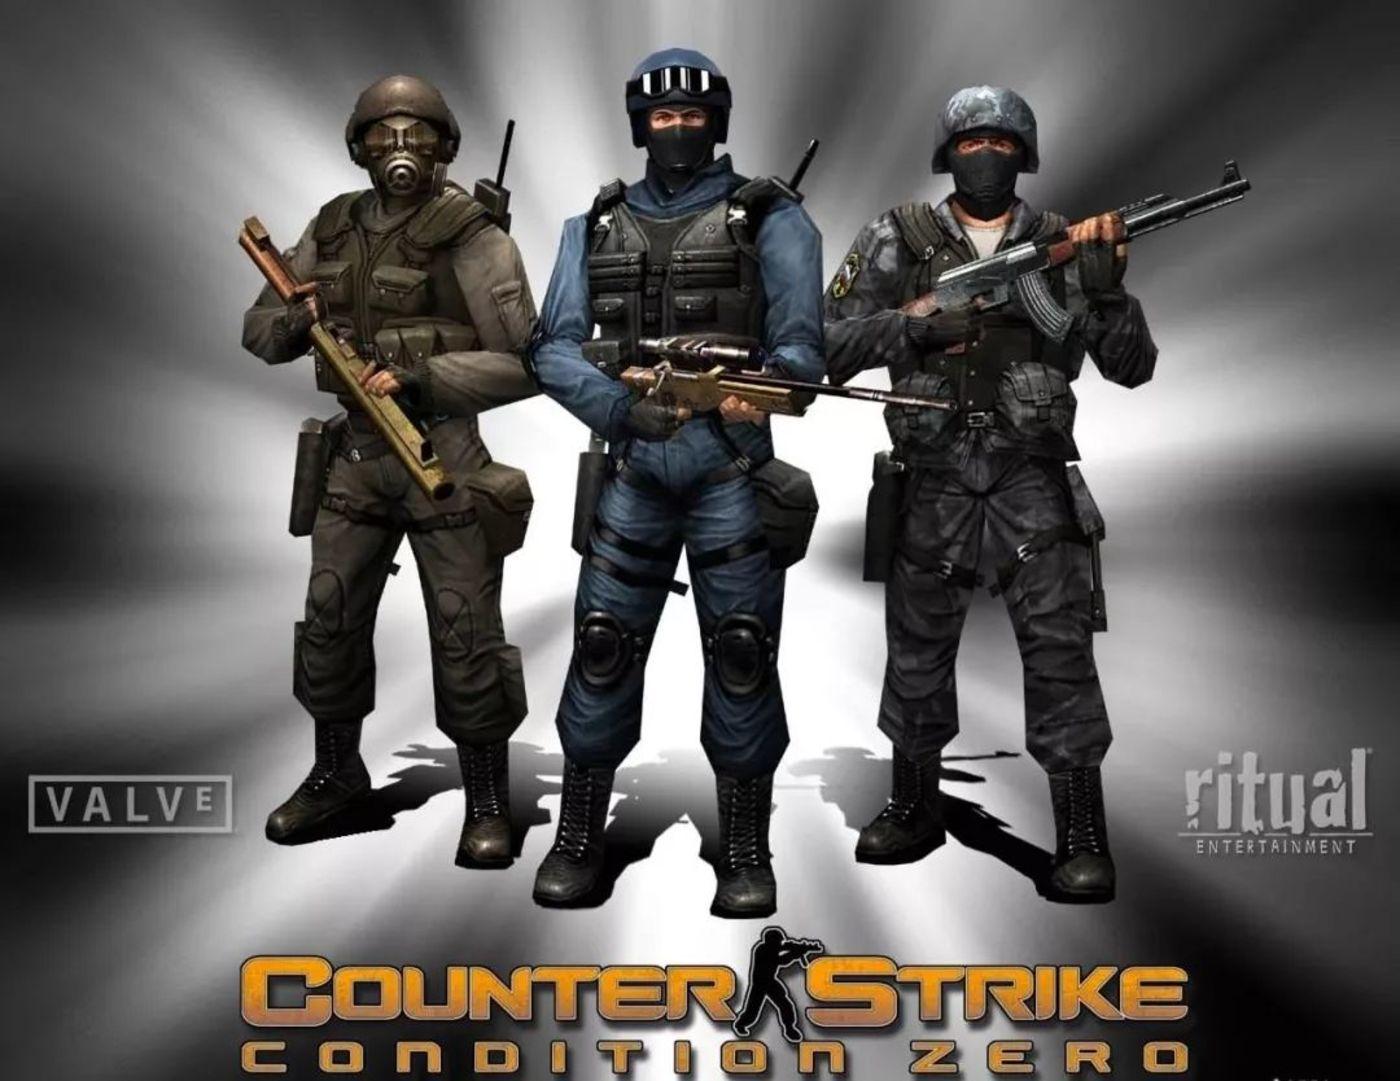 张小龙本人为CS玩家,他在微信摇一摇功能里加入了类似枪械上膛的音效便是对CS游戏的致敬